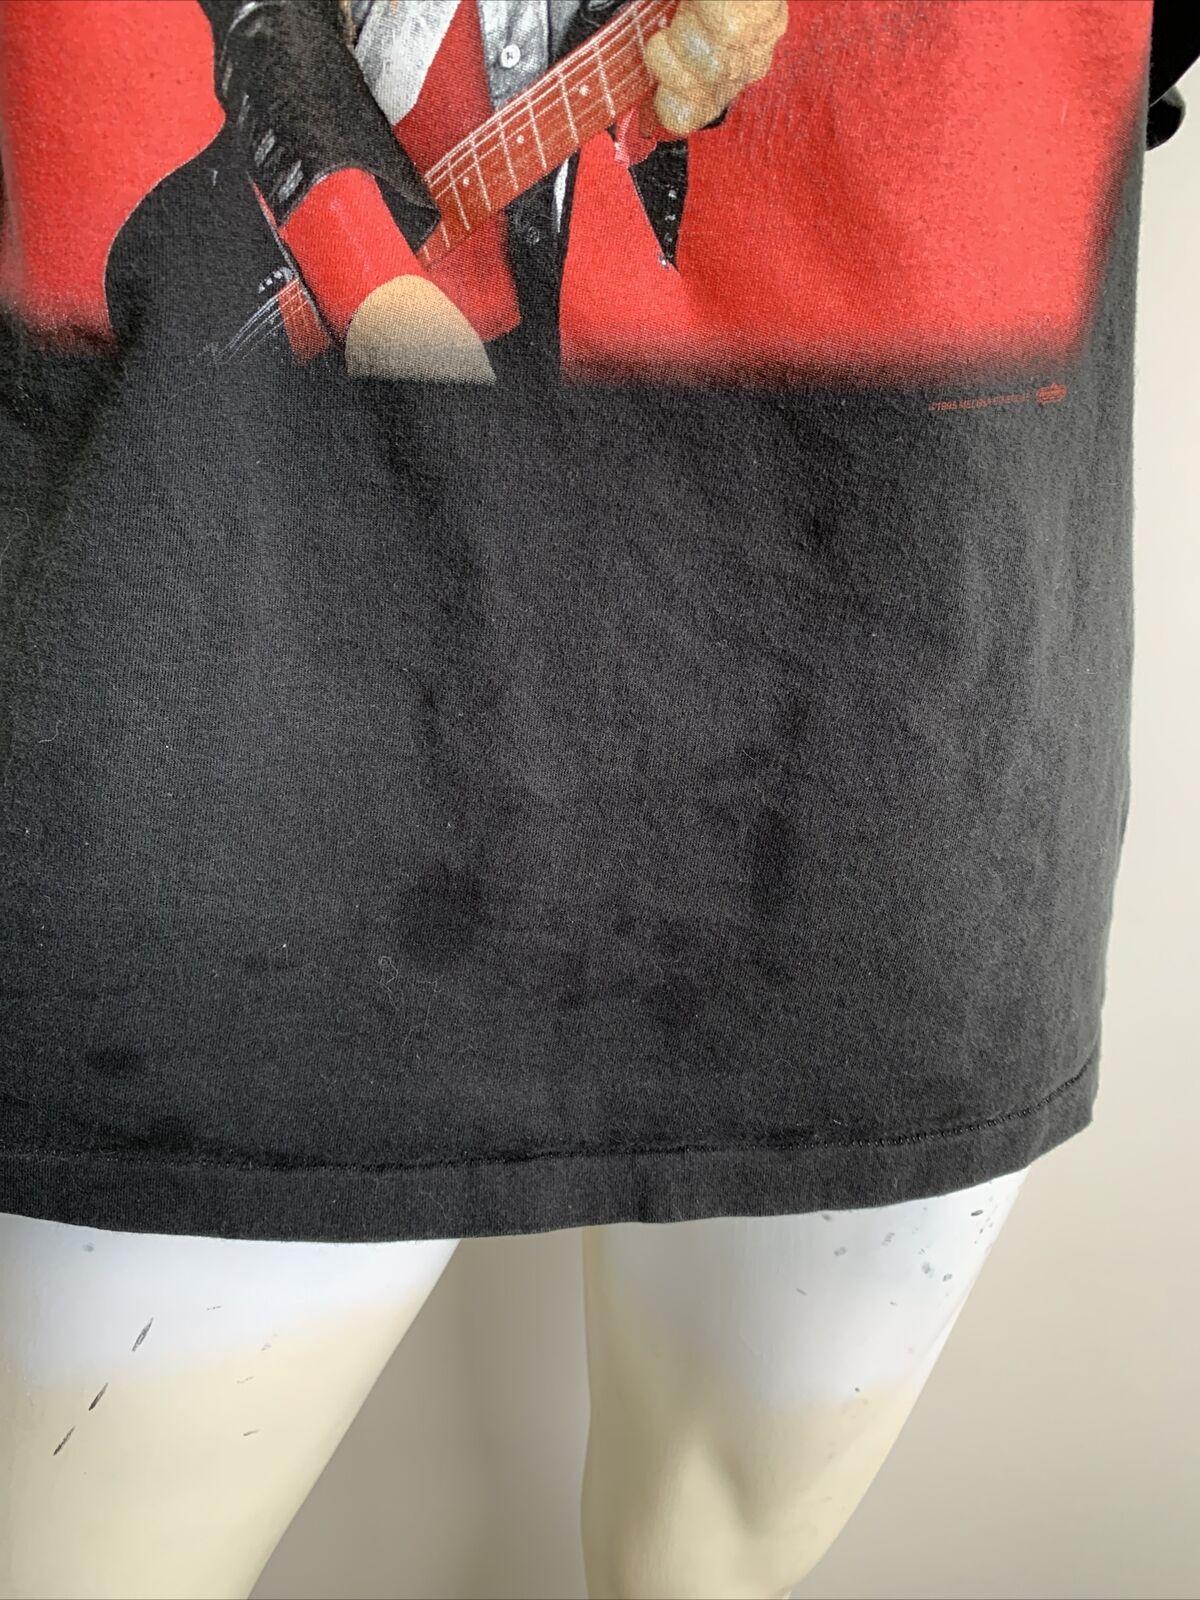 *VINTAGE* Melissa Ethridge concert t-shirt 1996 Your Little Secret World Tour L